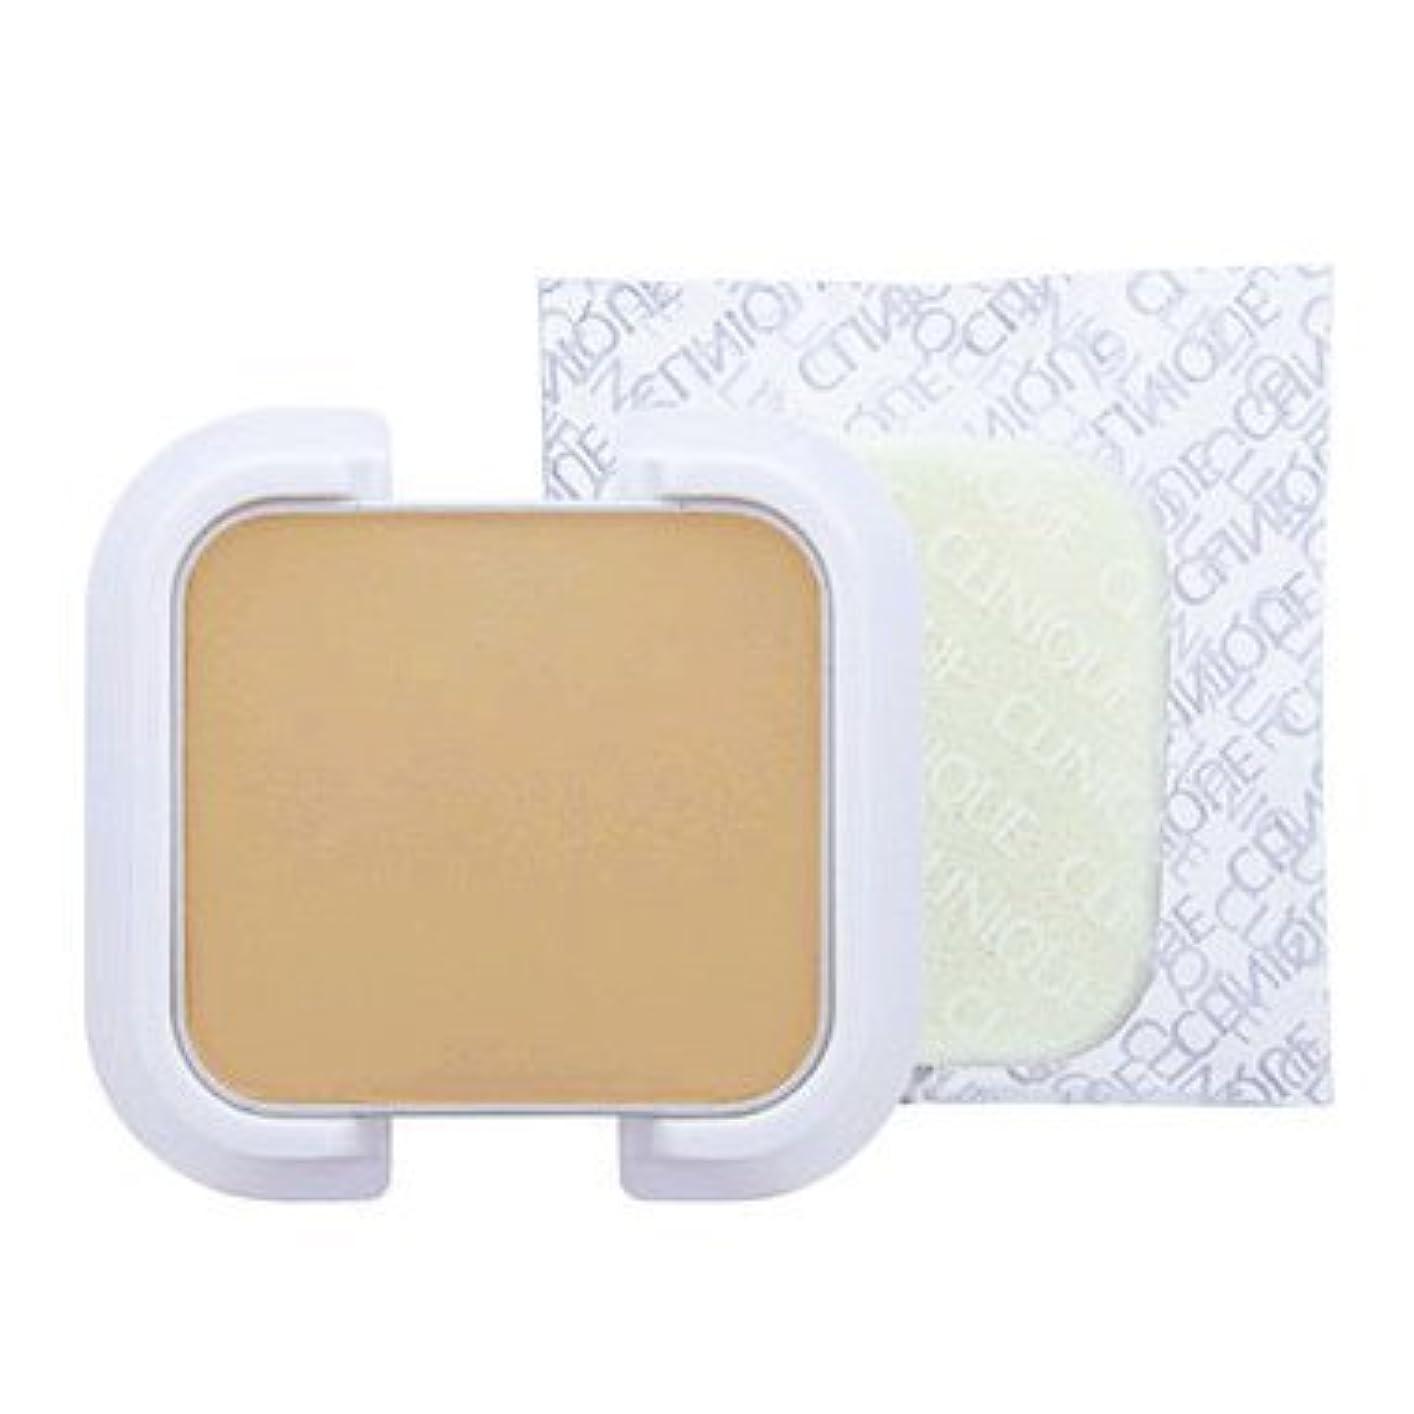 尊厳効果的に伝説CLINIQUE クリニーク イーブン ベター パウダー メークアップ ウォーター ヴェール 27 (リフィル) #64 cream beige SPF27/PA+++ 10g [並行輸入品]